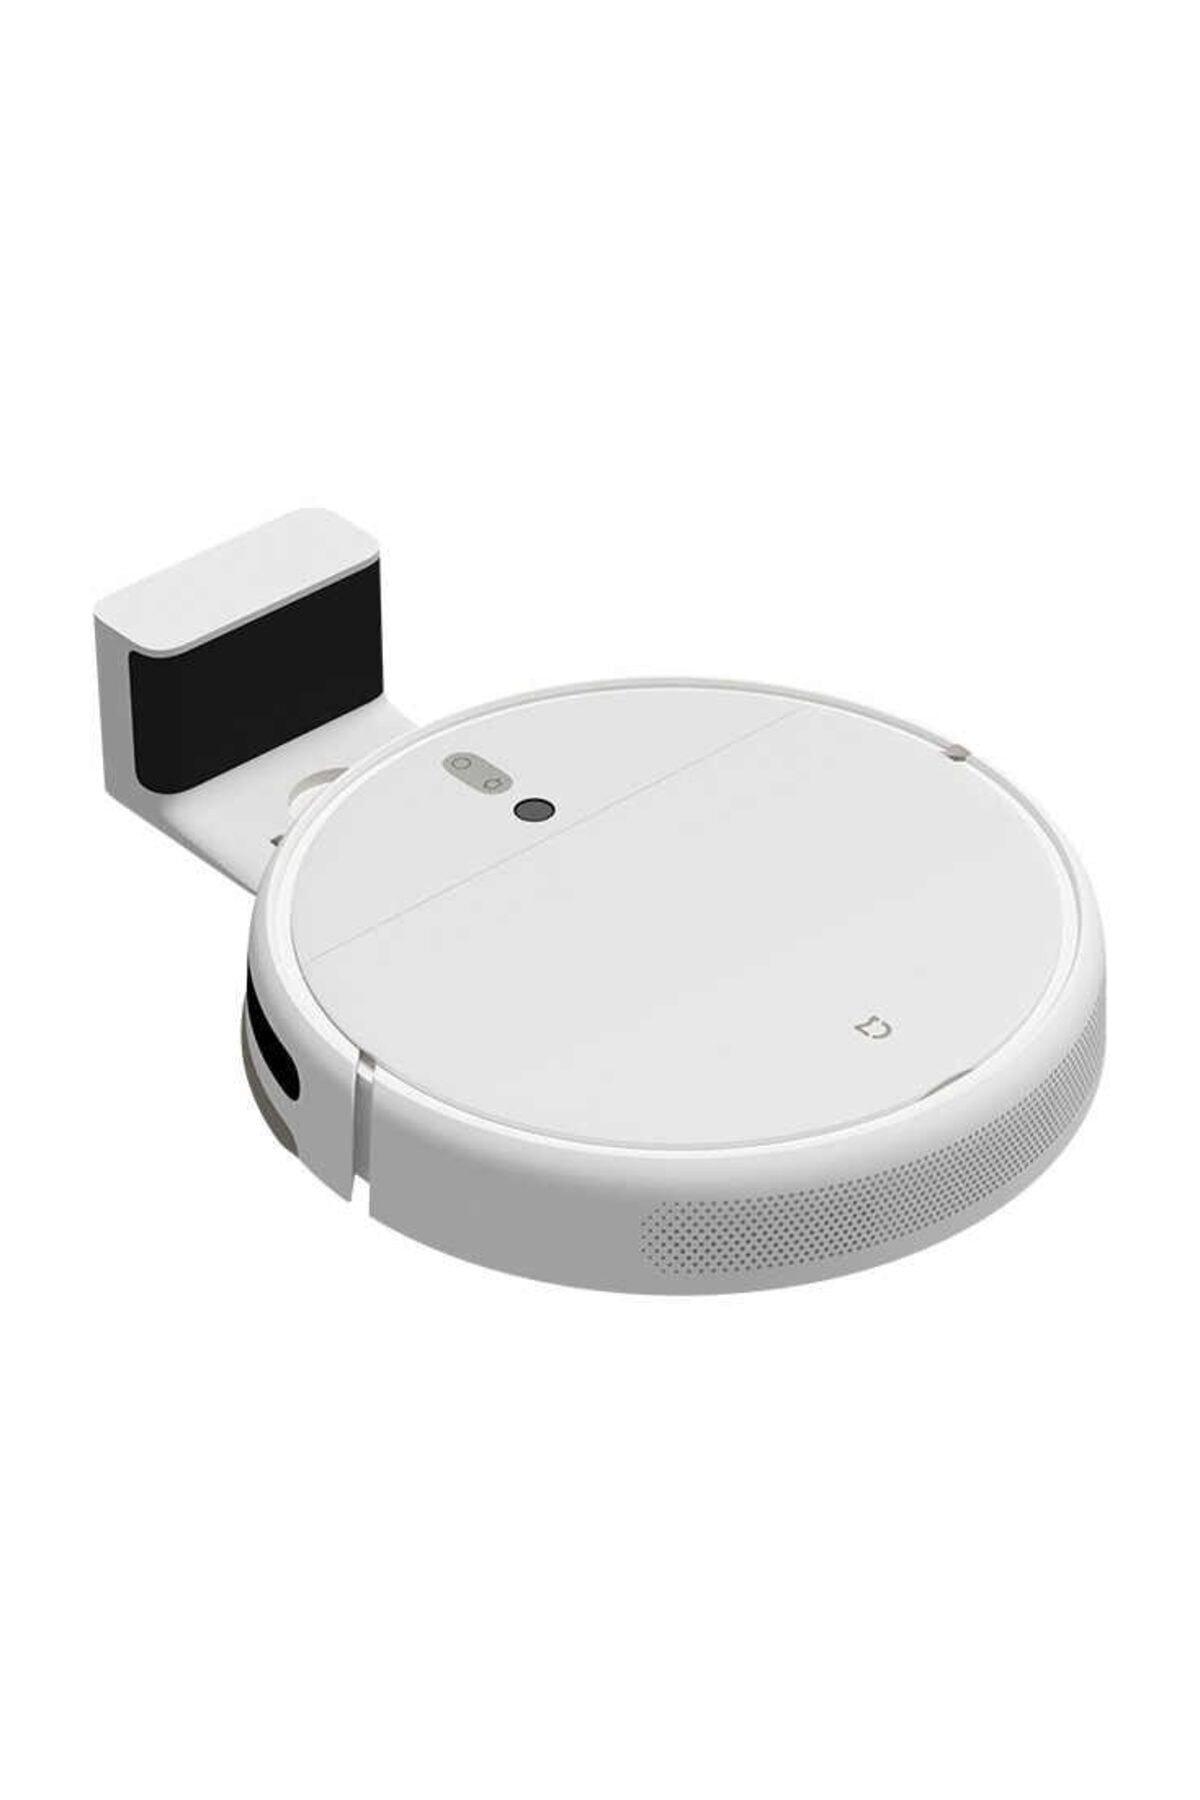 Xiaomi Mi Robot Vacuum Mop - Kablosuz Süpürge 2